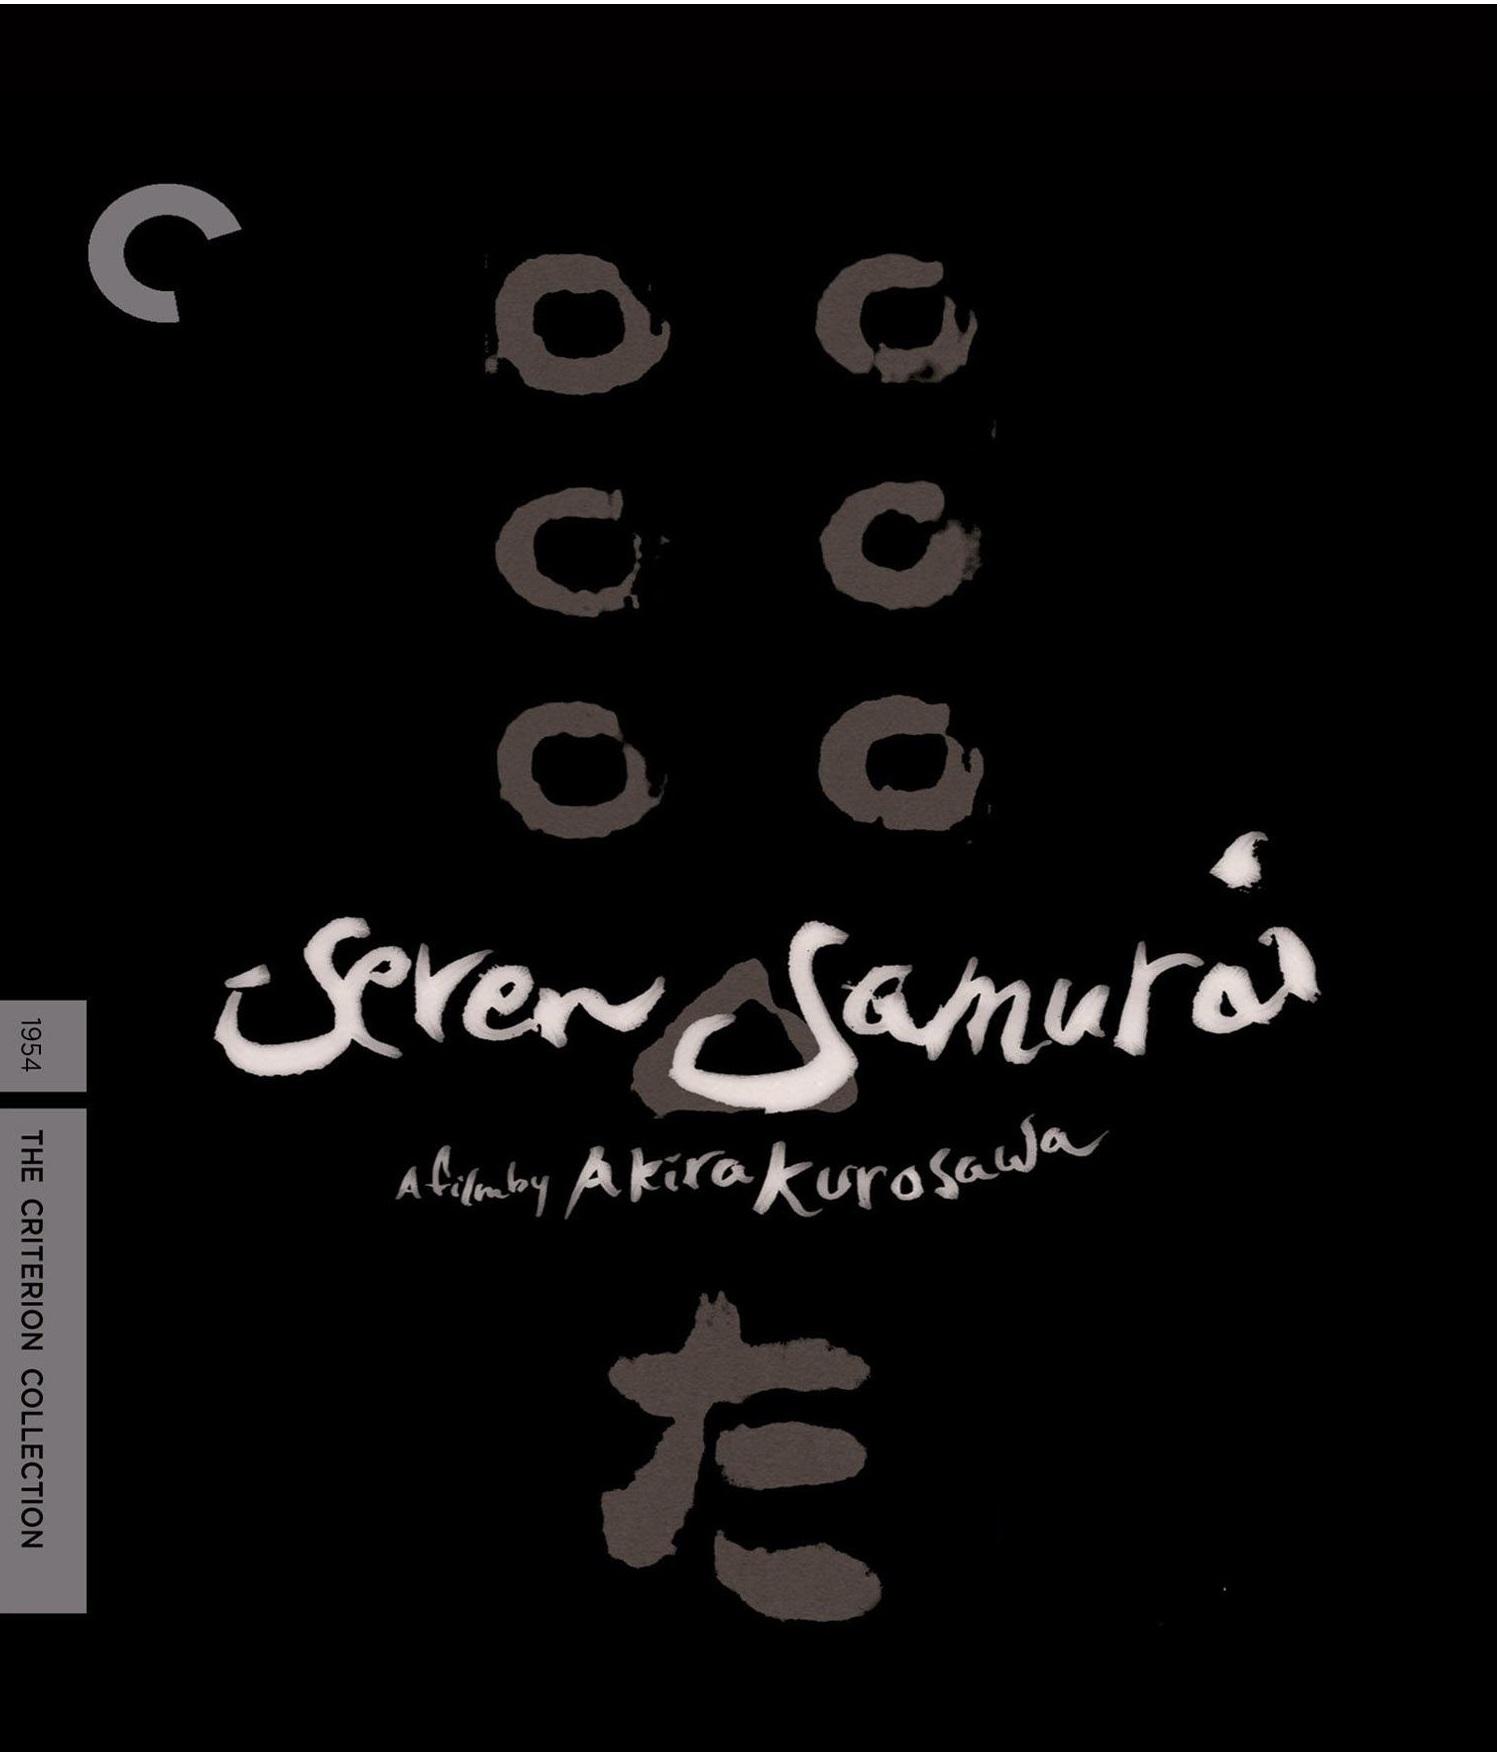 Crítica | Os Sete Samurais